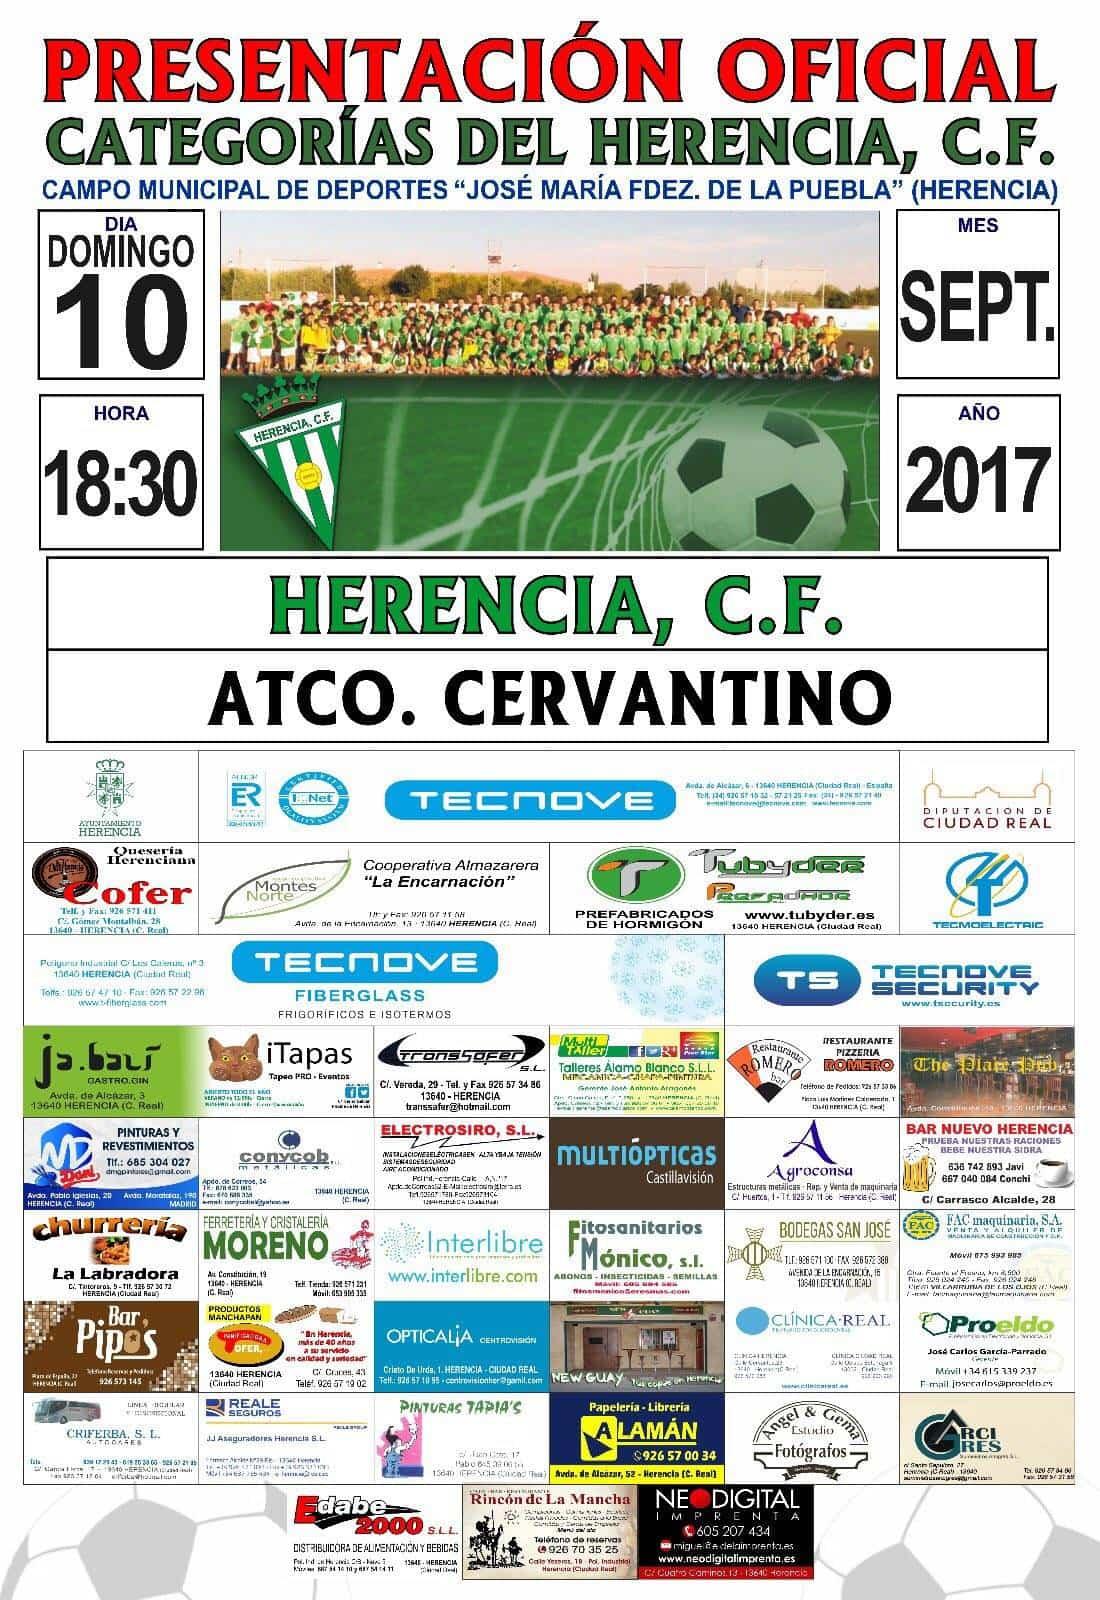 futbol herencia cf atco cervantino - Fútbol: Último partido de pretemporada antes de comenzar la liga